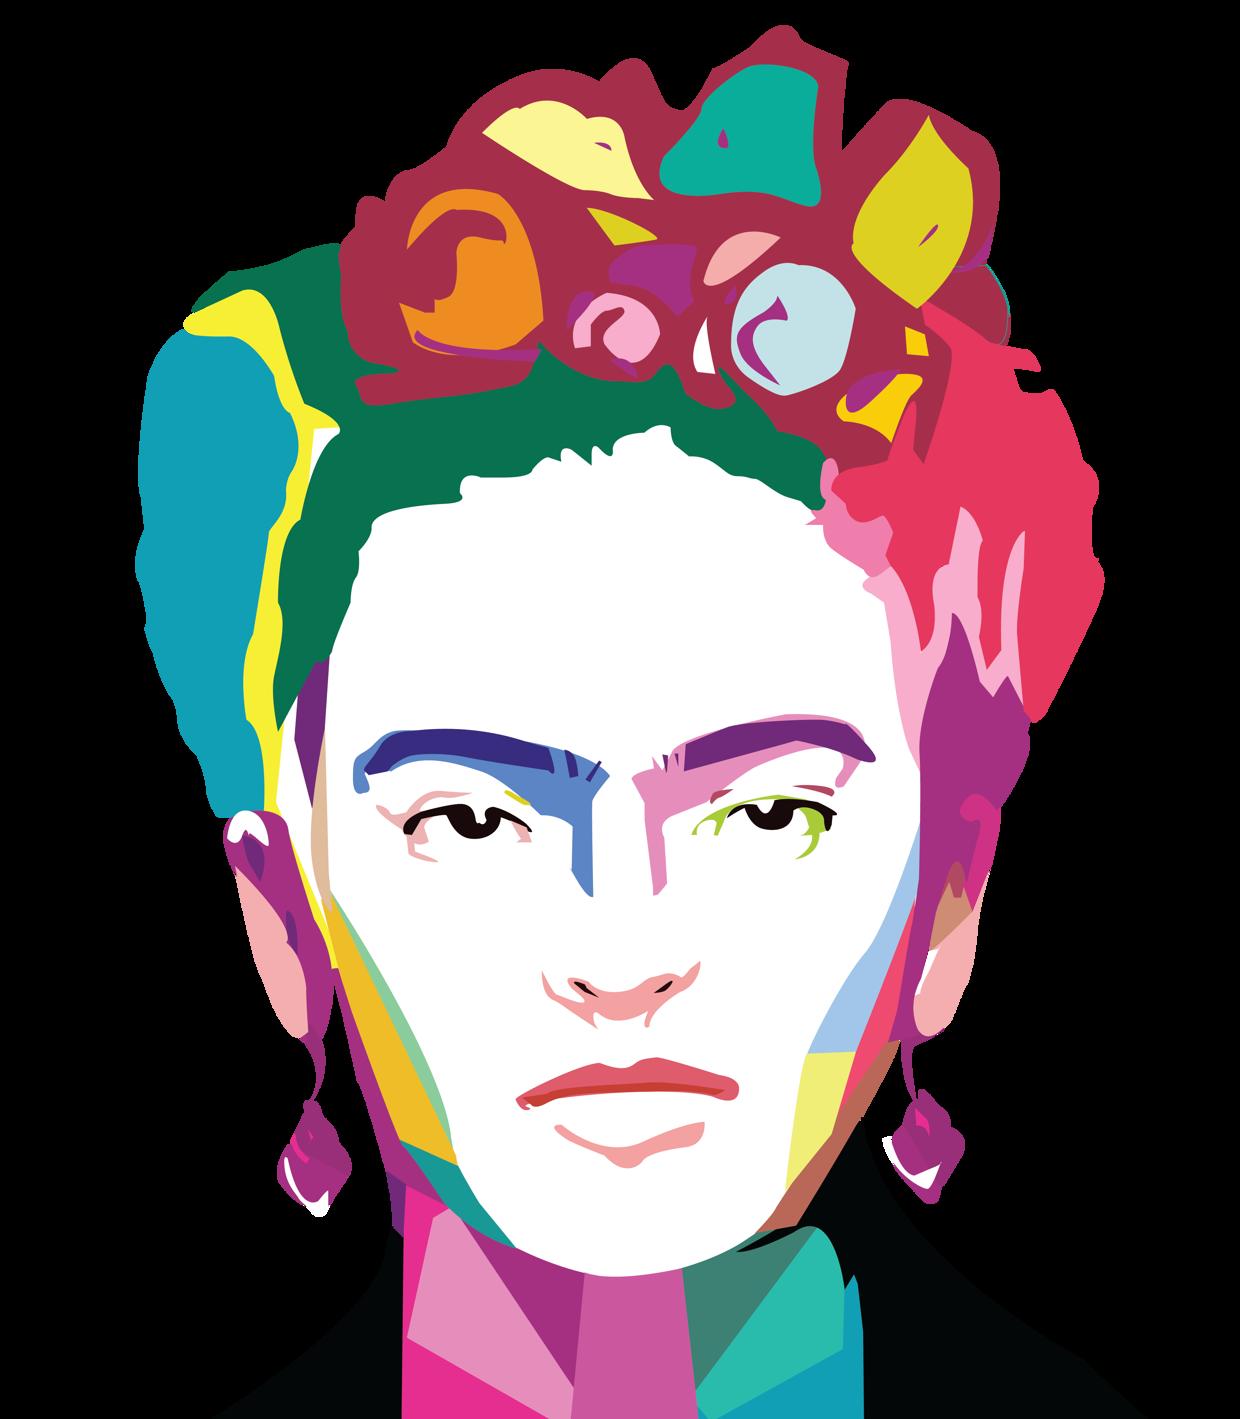 Frida Kahlo Pop Art Ilustracoes Arte Pop Desenho Estilizado